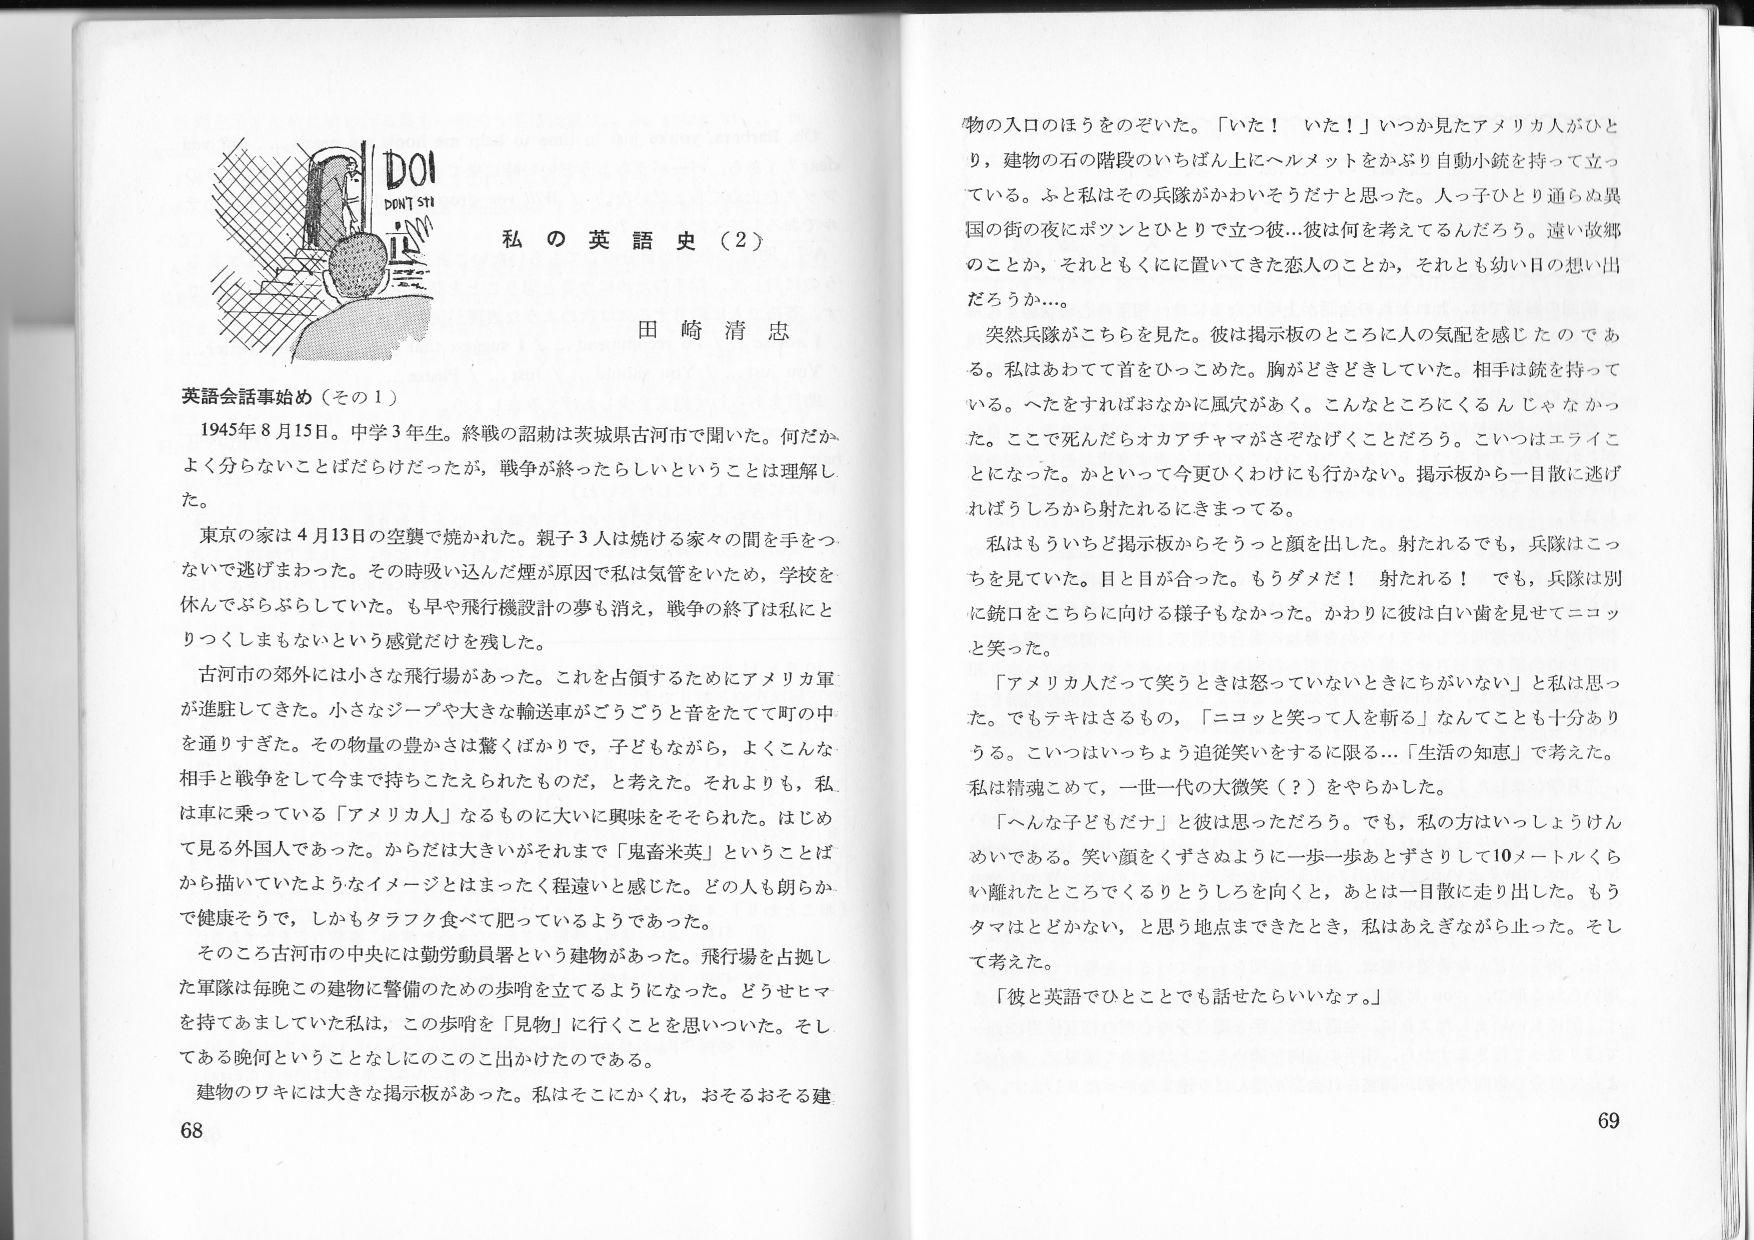 70-5月、6月「テレビ英語会話初級」の連載記事 (14年11月7日)_c0059093_14144348.jpg